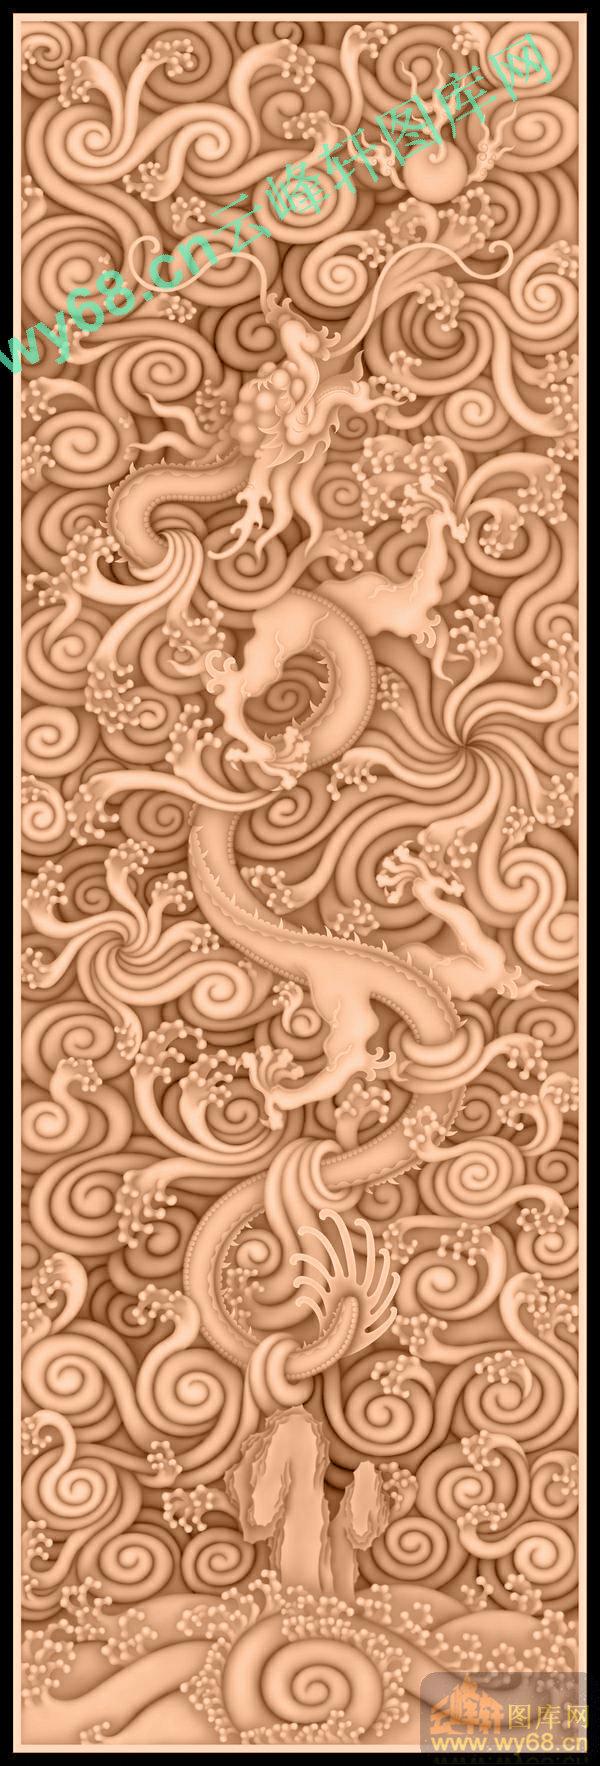 水龙顶箱柜板-龙凤麒麟蝙蝠雕刻素材